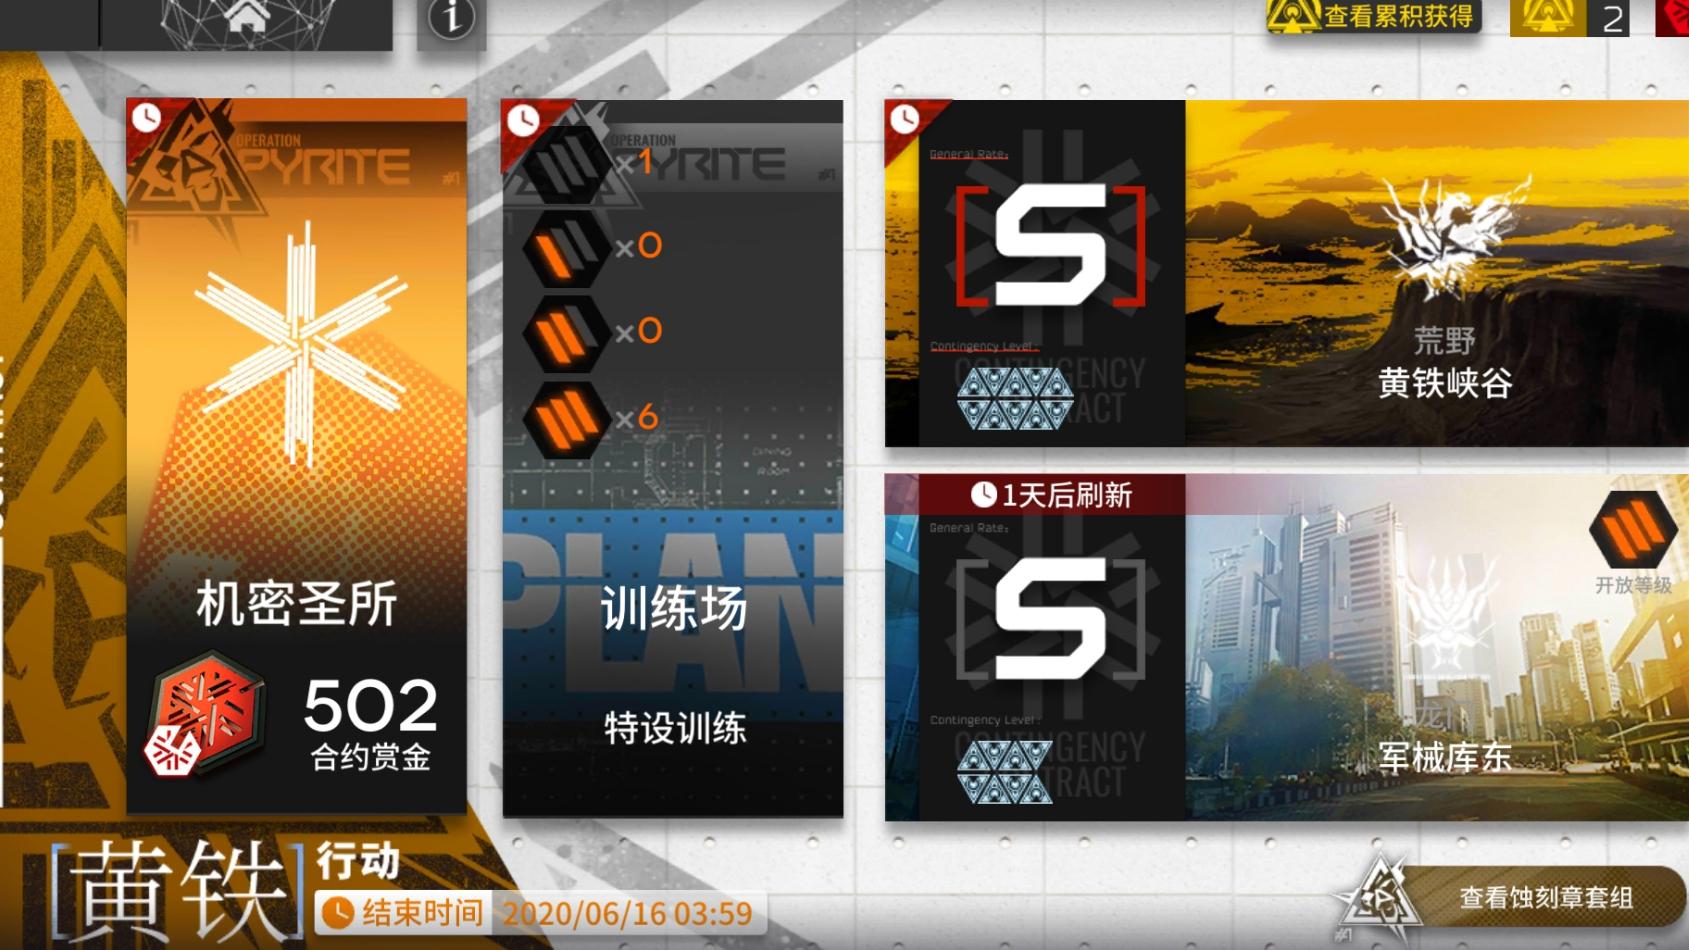 【明日方舟】【黄铁行动】日替本8级【军械库东】